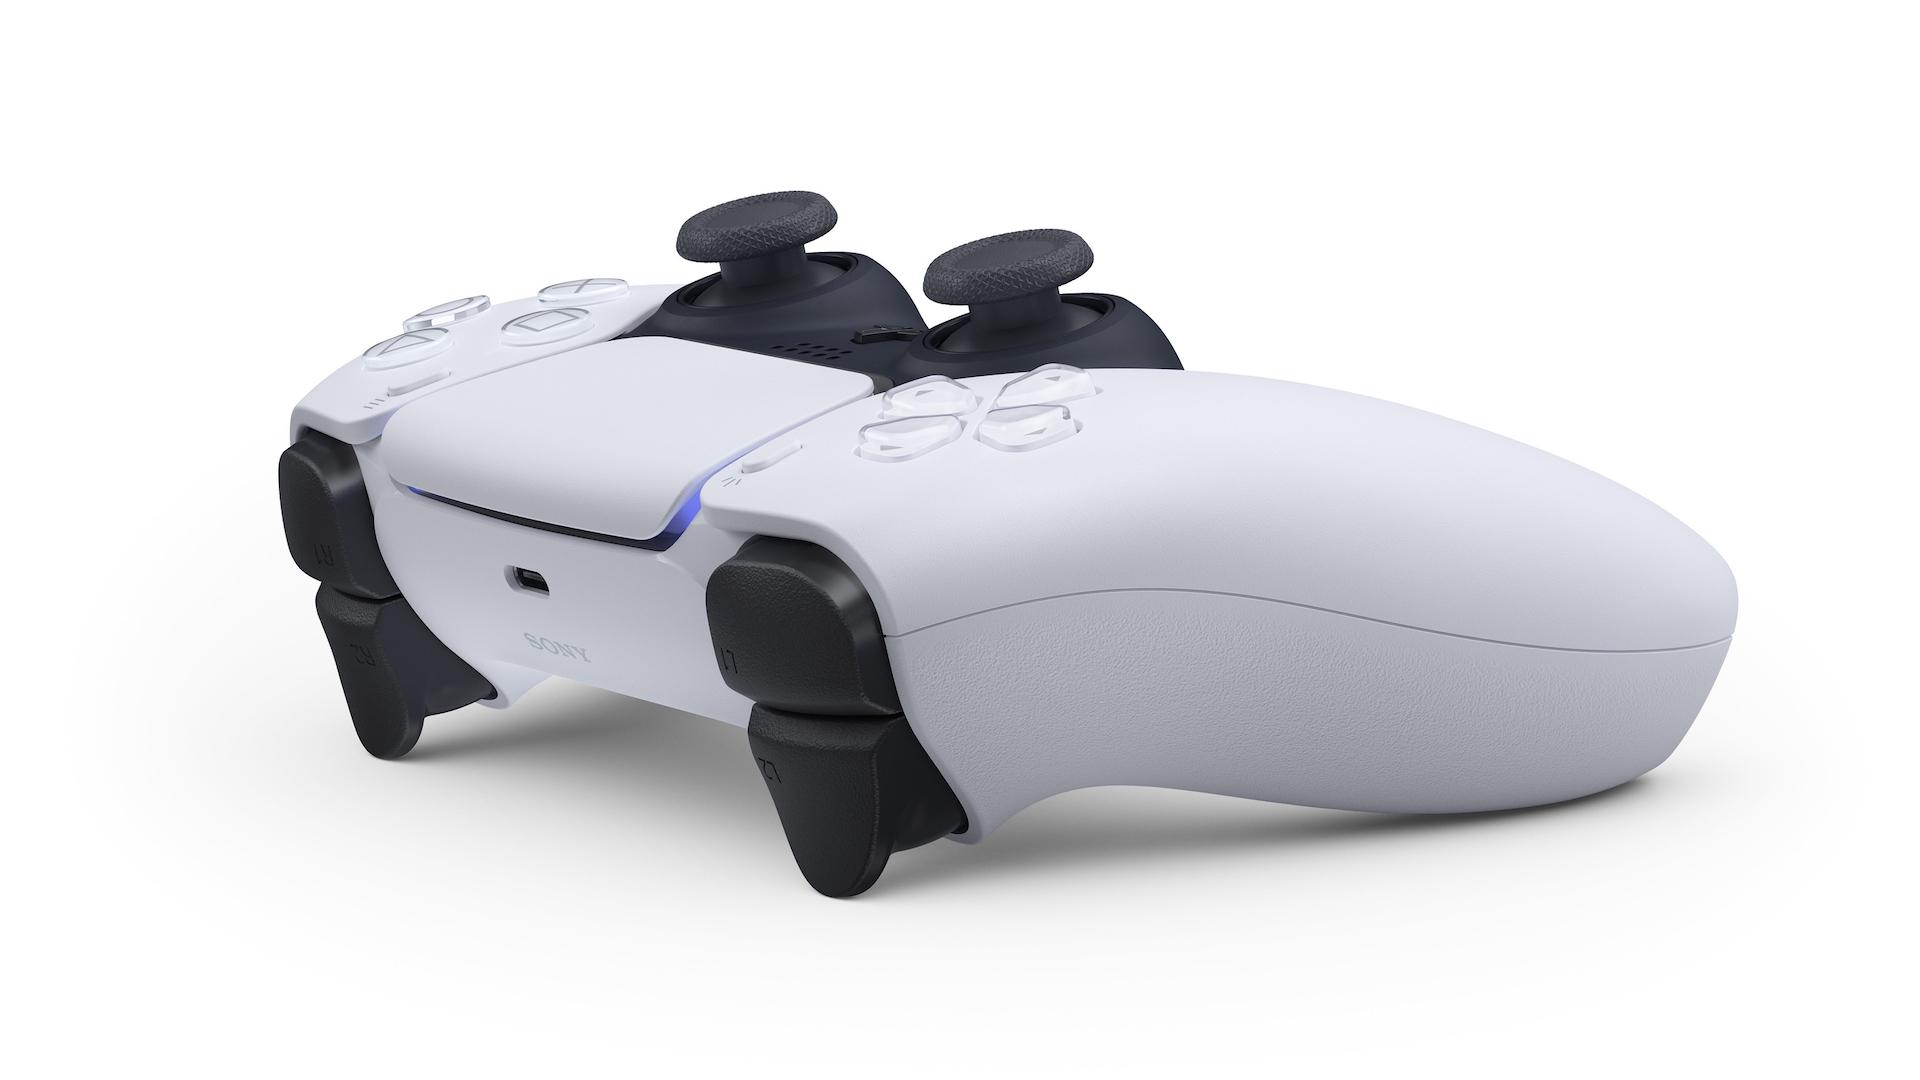 قابلیت های کنترلر پلی استیشن 5,سوپر مسیو گیمز